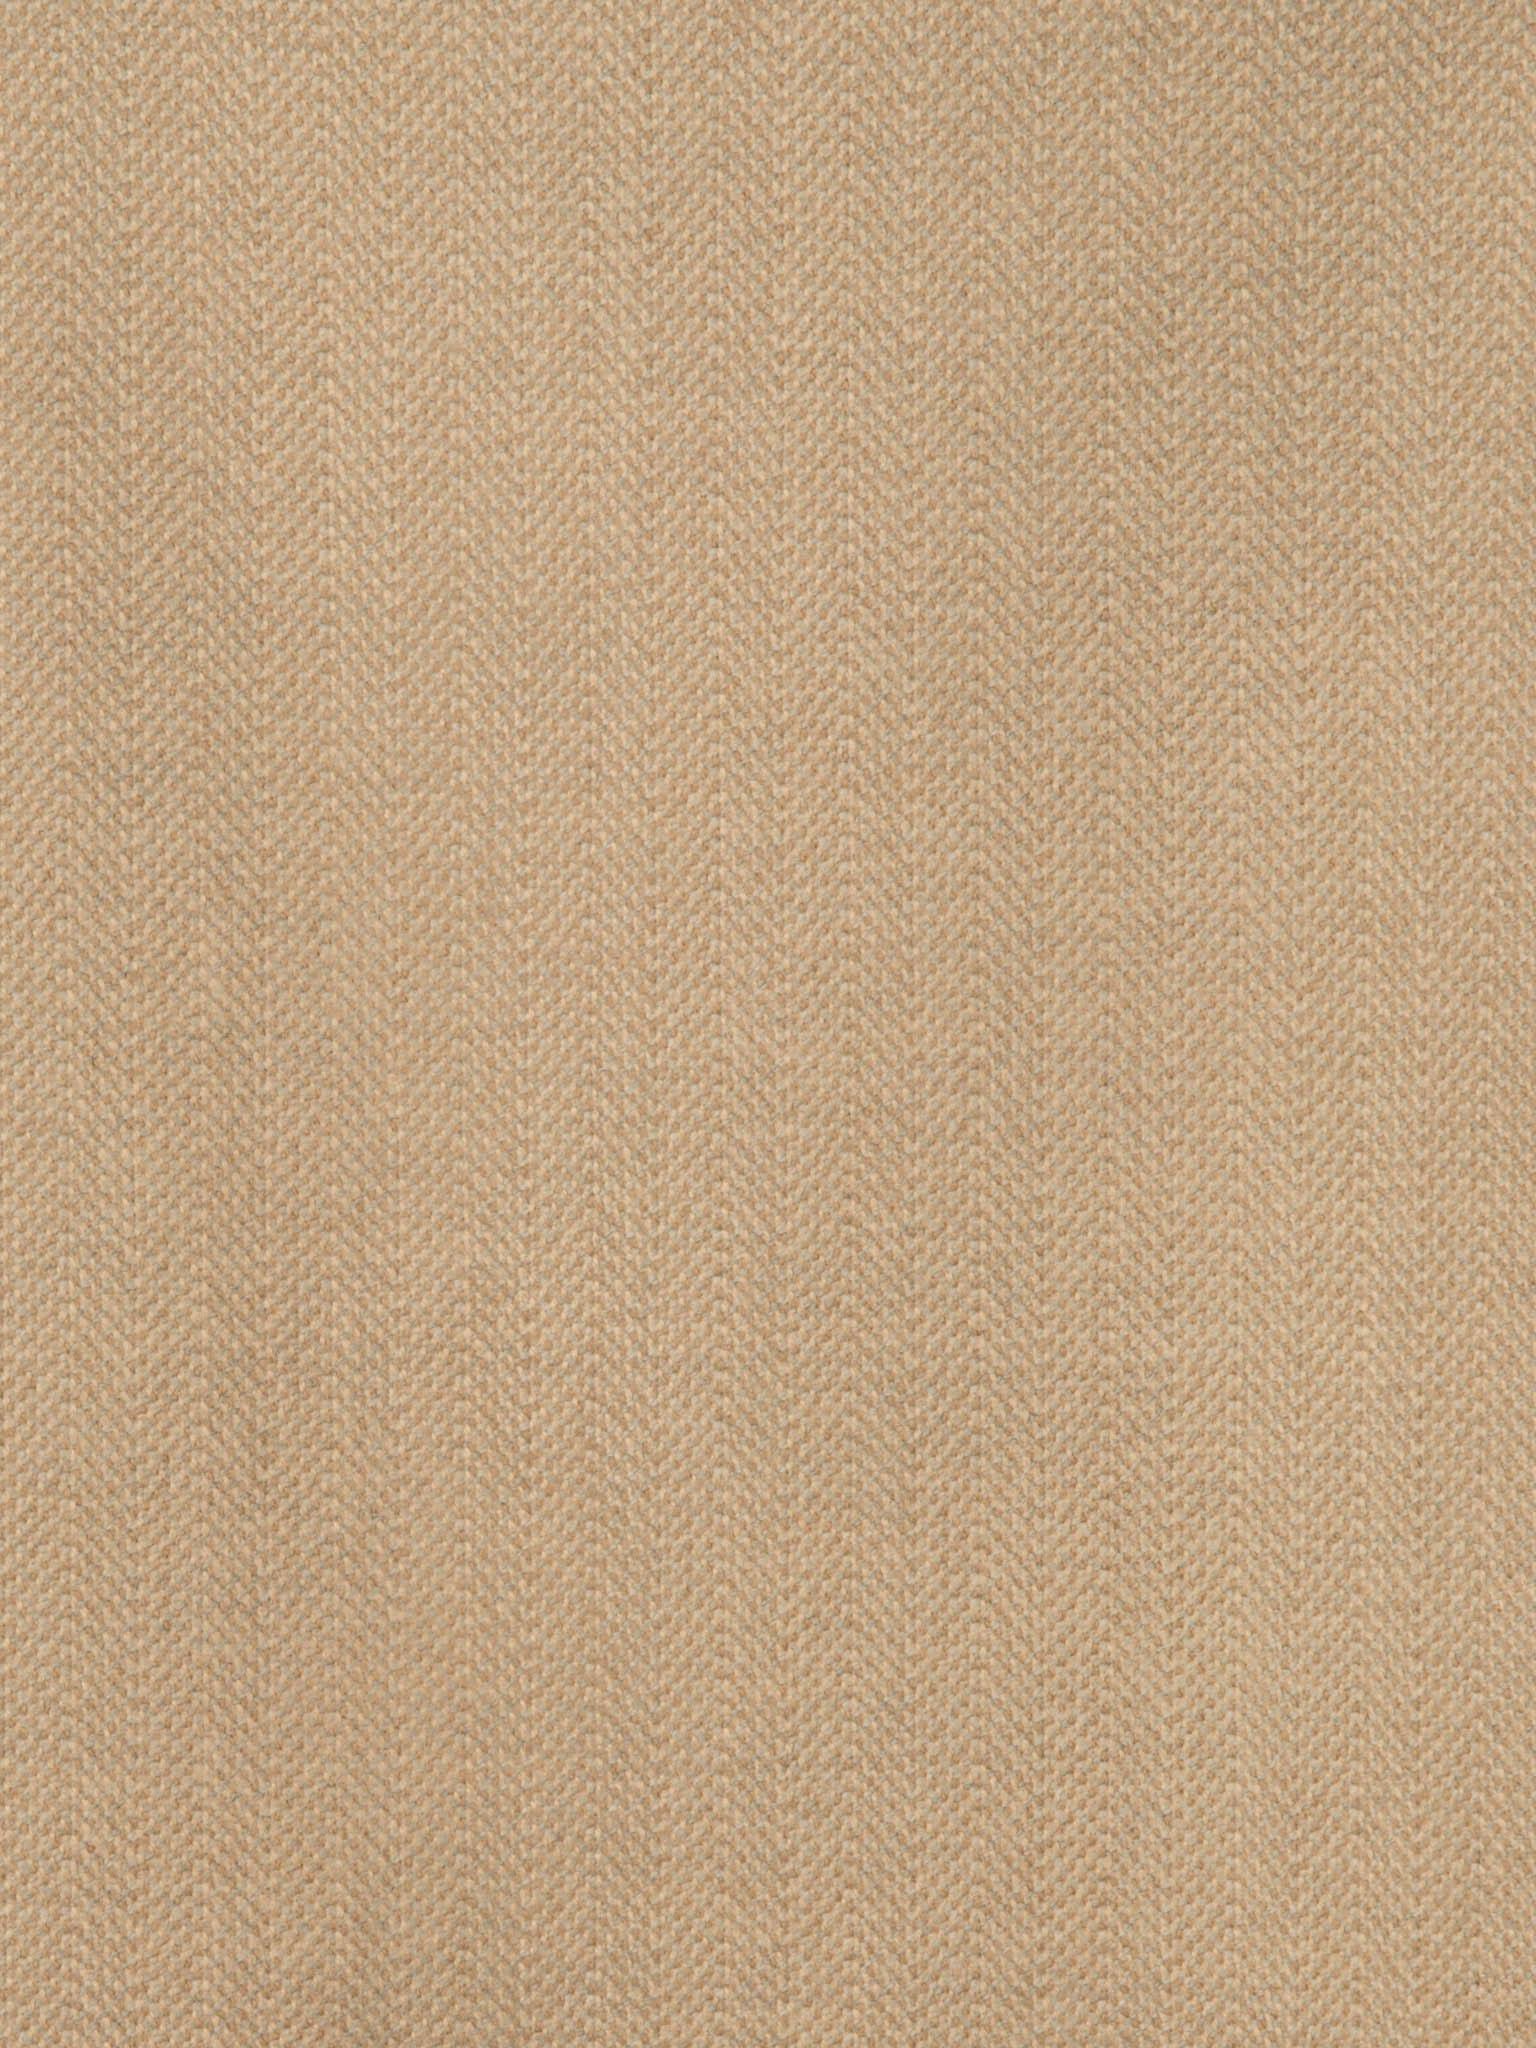 Savile Row Windsor Tweed DE12101